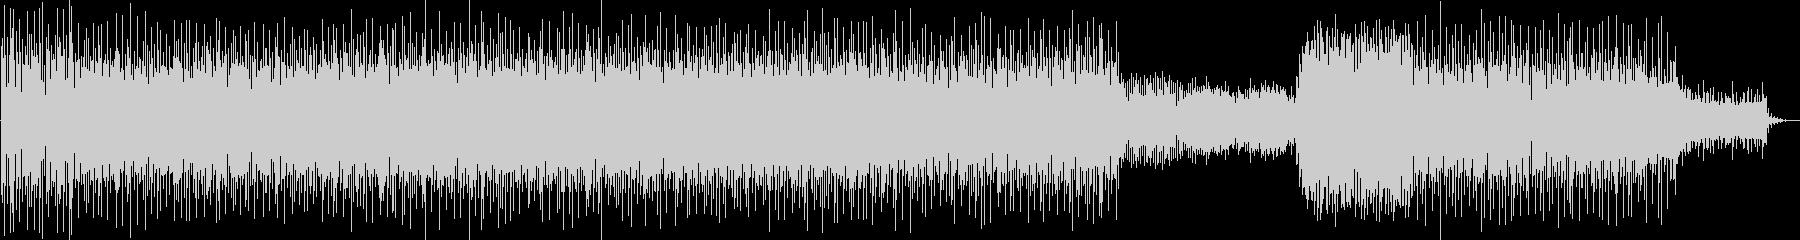 サスペンスタッチのミニマルテクノの未再生の波形